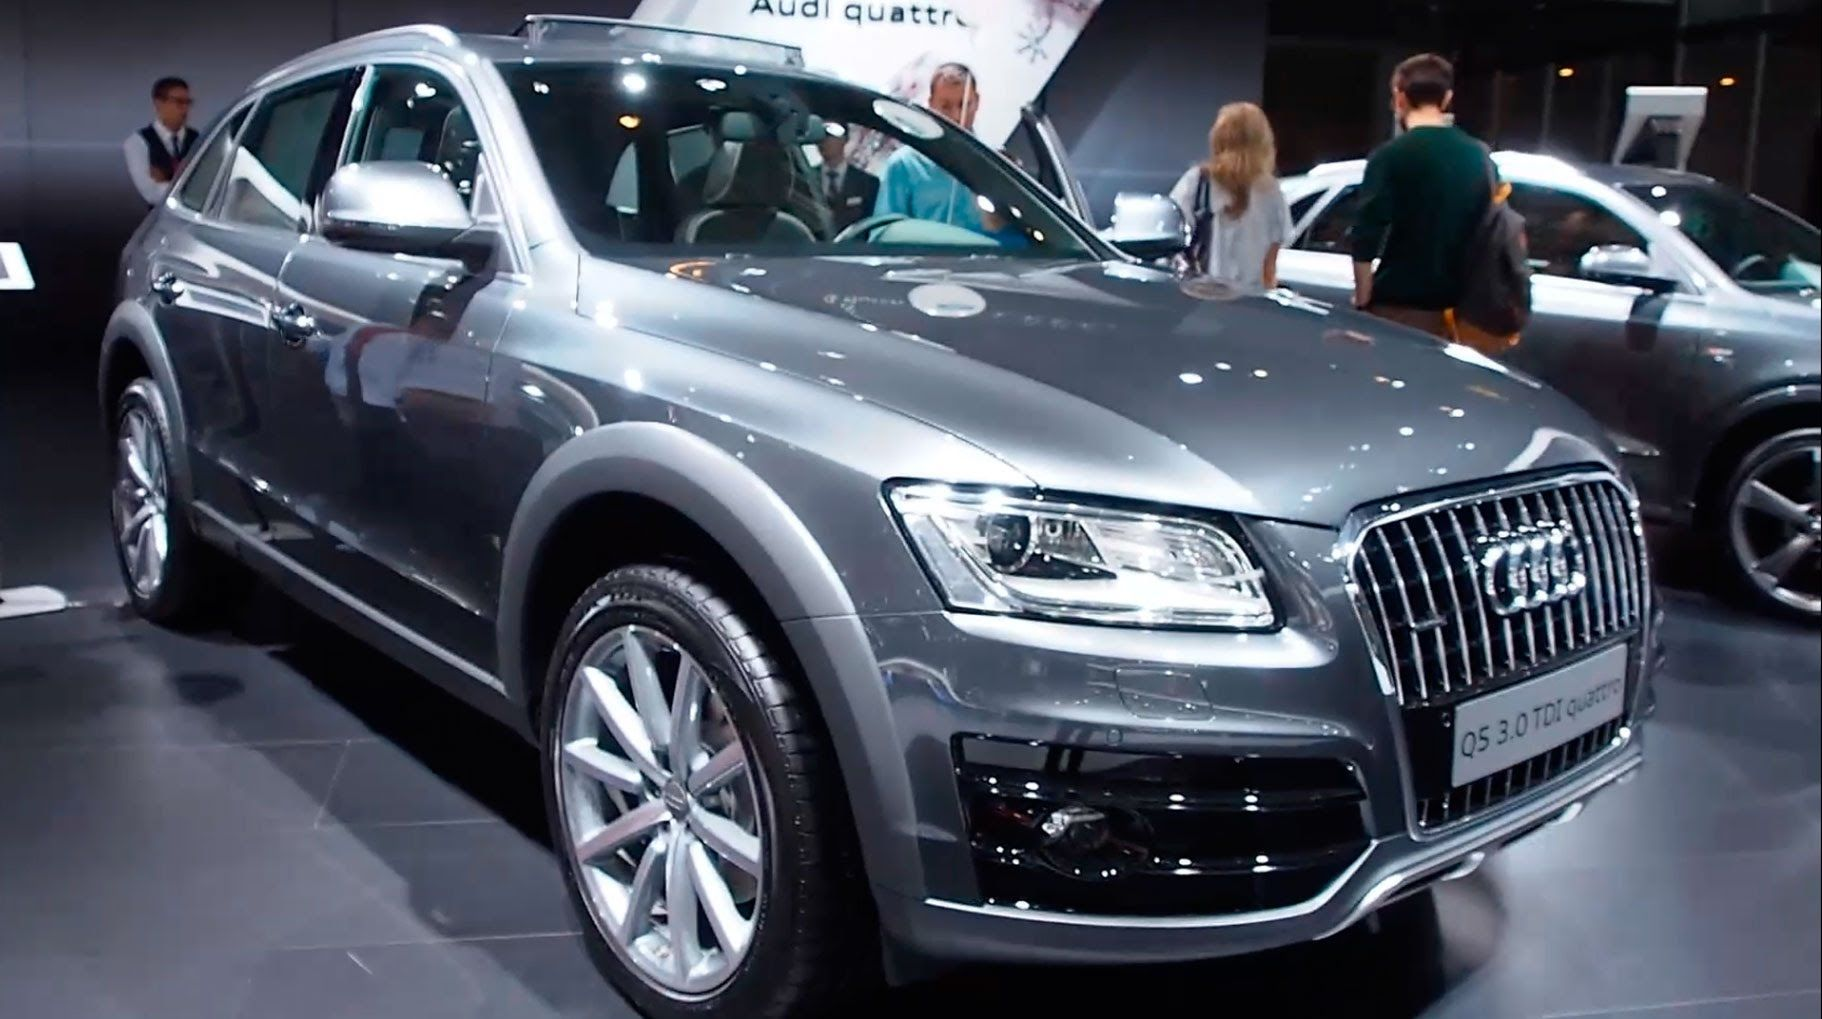 2014 Audi Q5 3 0 Tdi Quattro Exterior And Interior Walkaround Audi Audi Q5 Audi Q